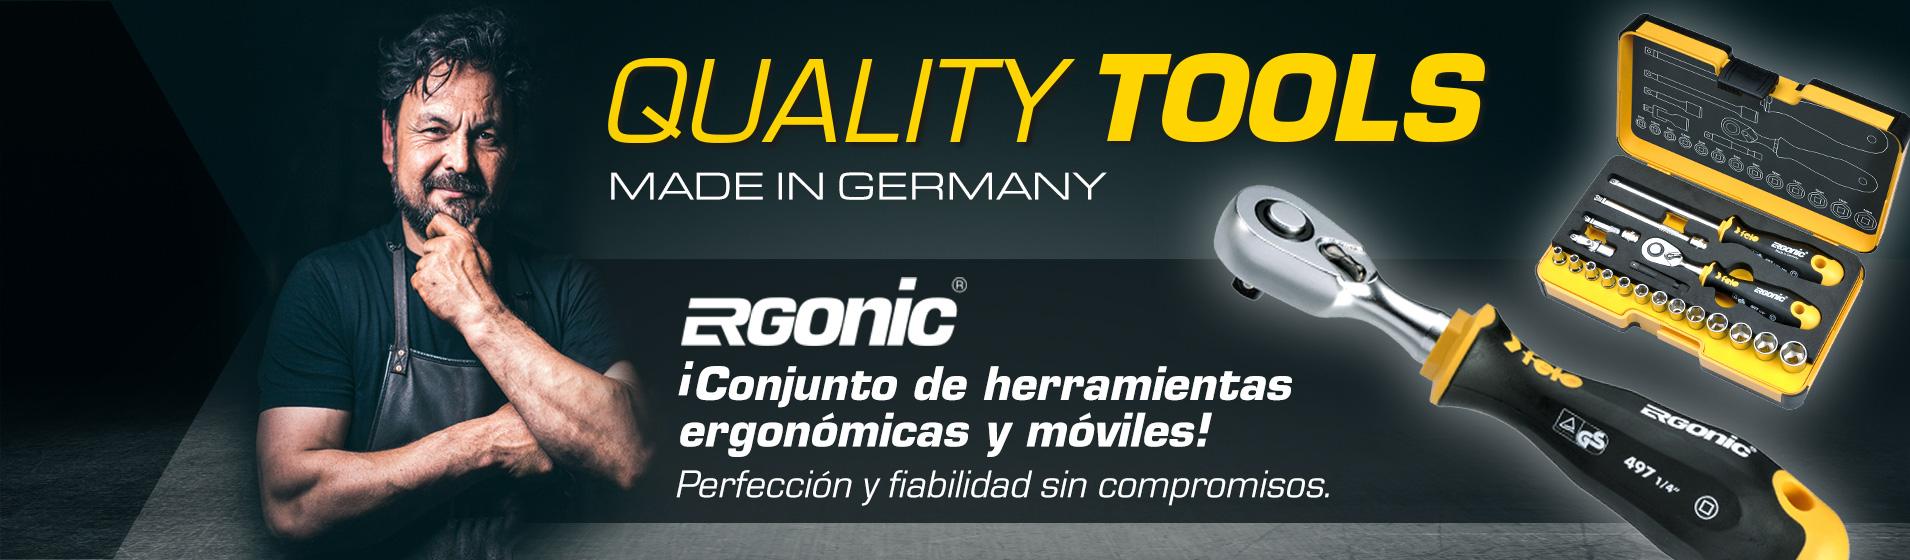 R-GO es el conjunto completo de herramientas ergonómicas y portátiles de FELO